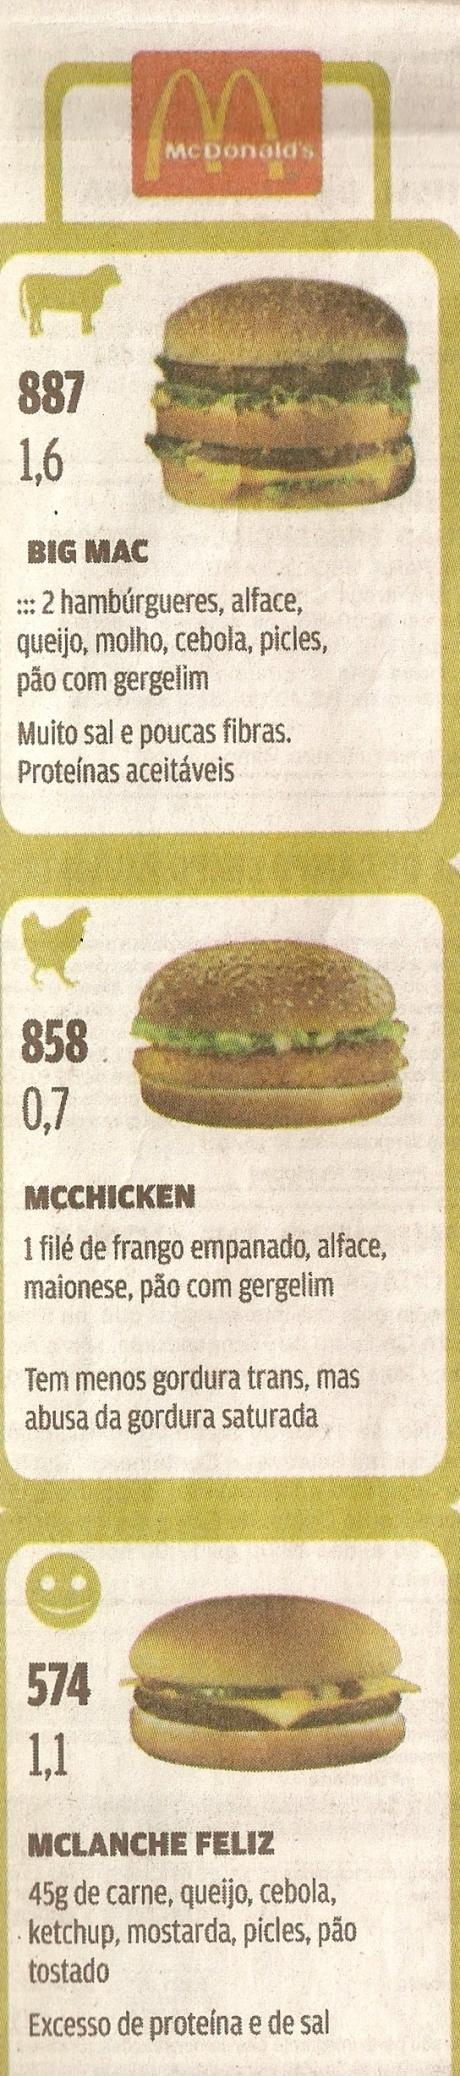 Lanches MacDonald's e suas características